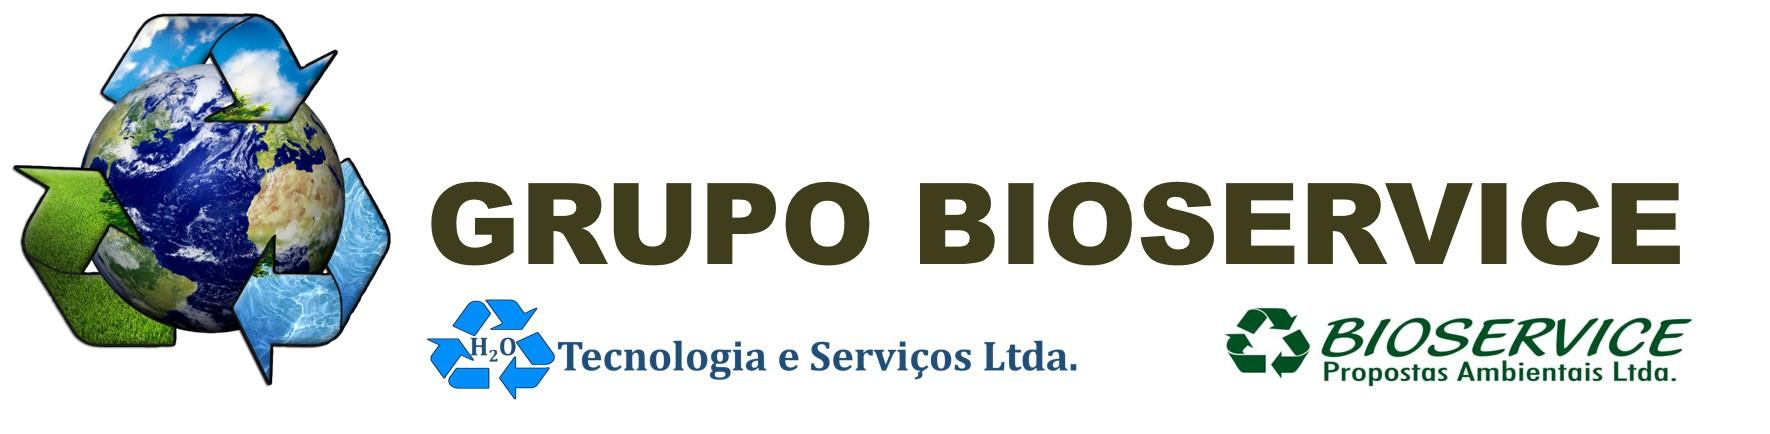 Grupo Bioservice Oficial